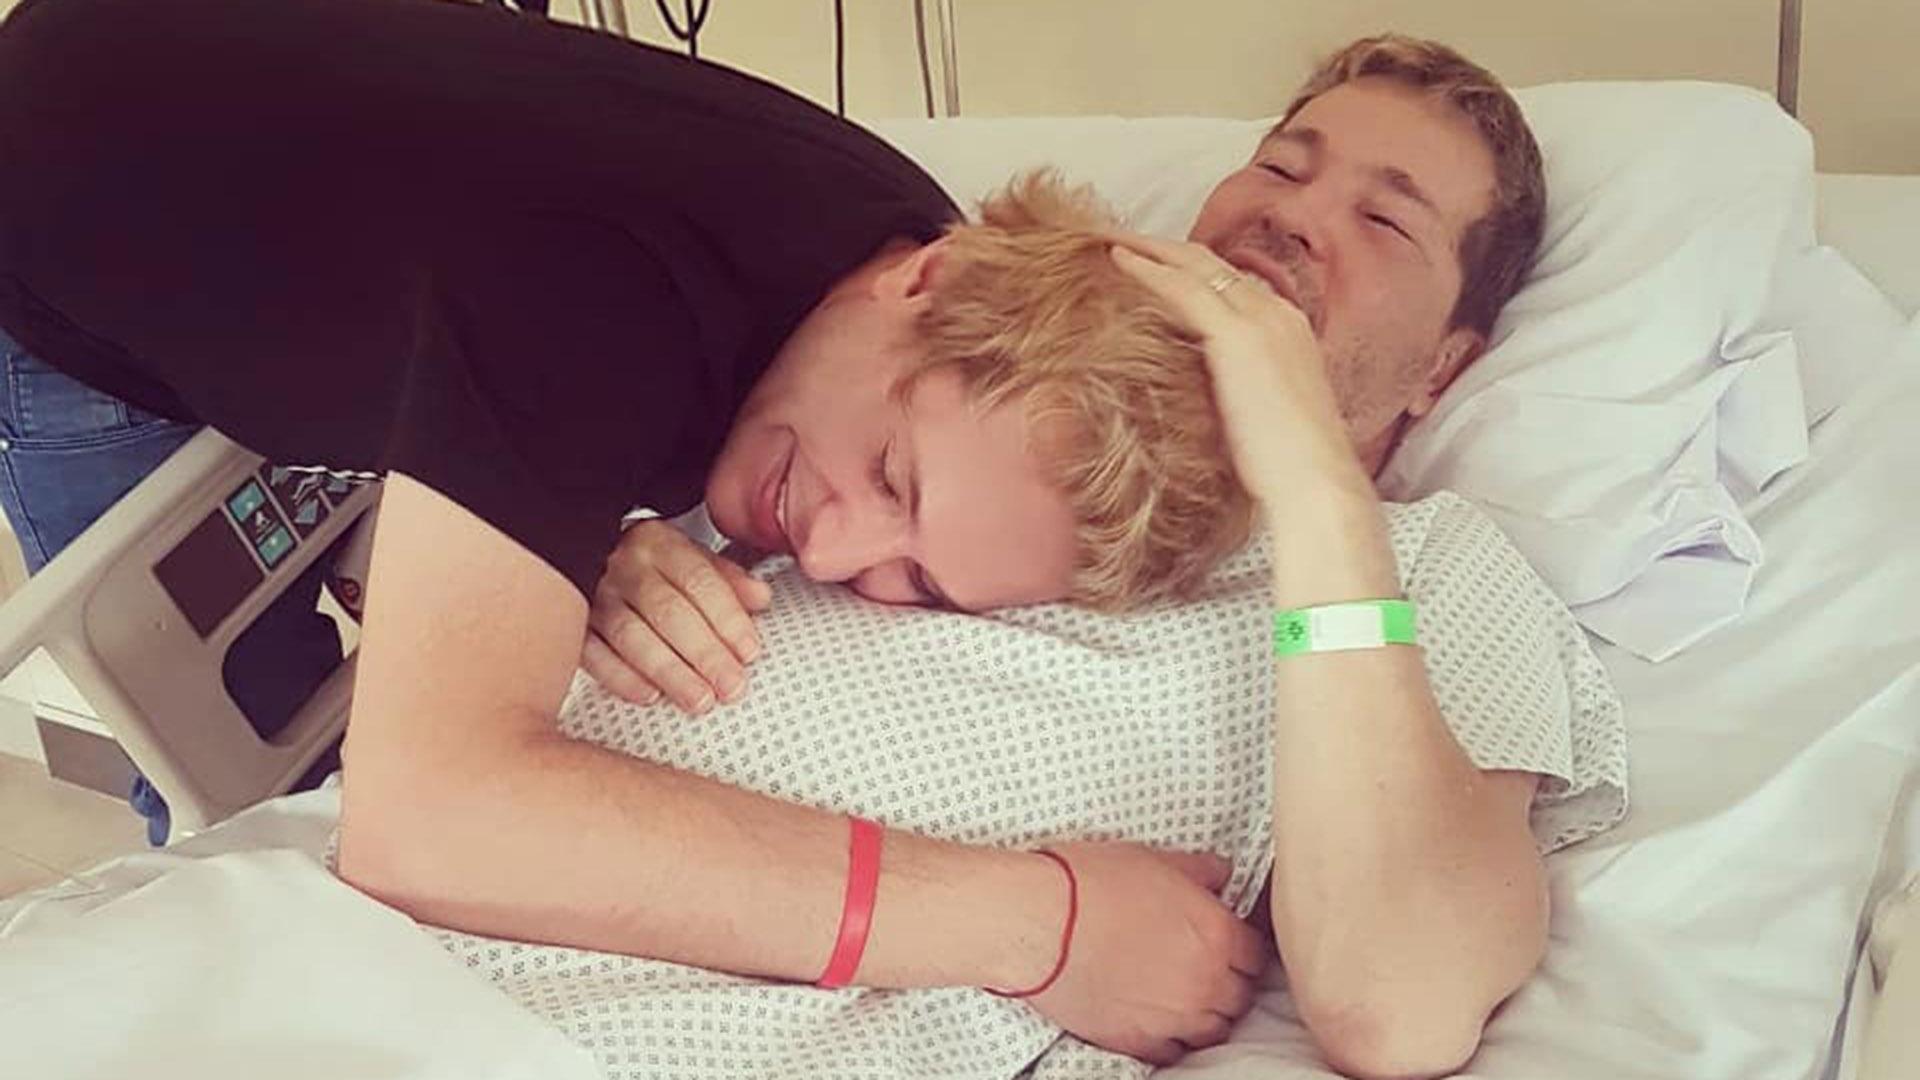 Guido Suller fue hospitalizado en un hospital australiano debido a una inflamación facial y fiebre. Su esposo, Tomasito, estaba en Córdoba y fue a Buenos Aires a visitarlo.